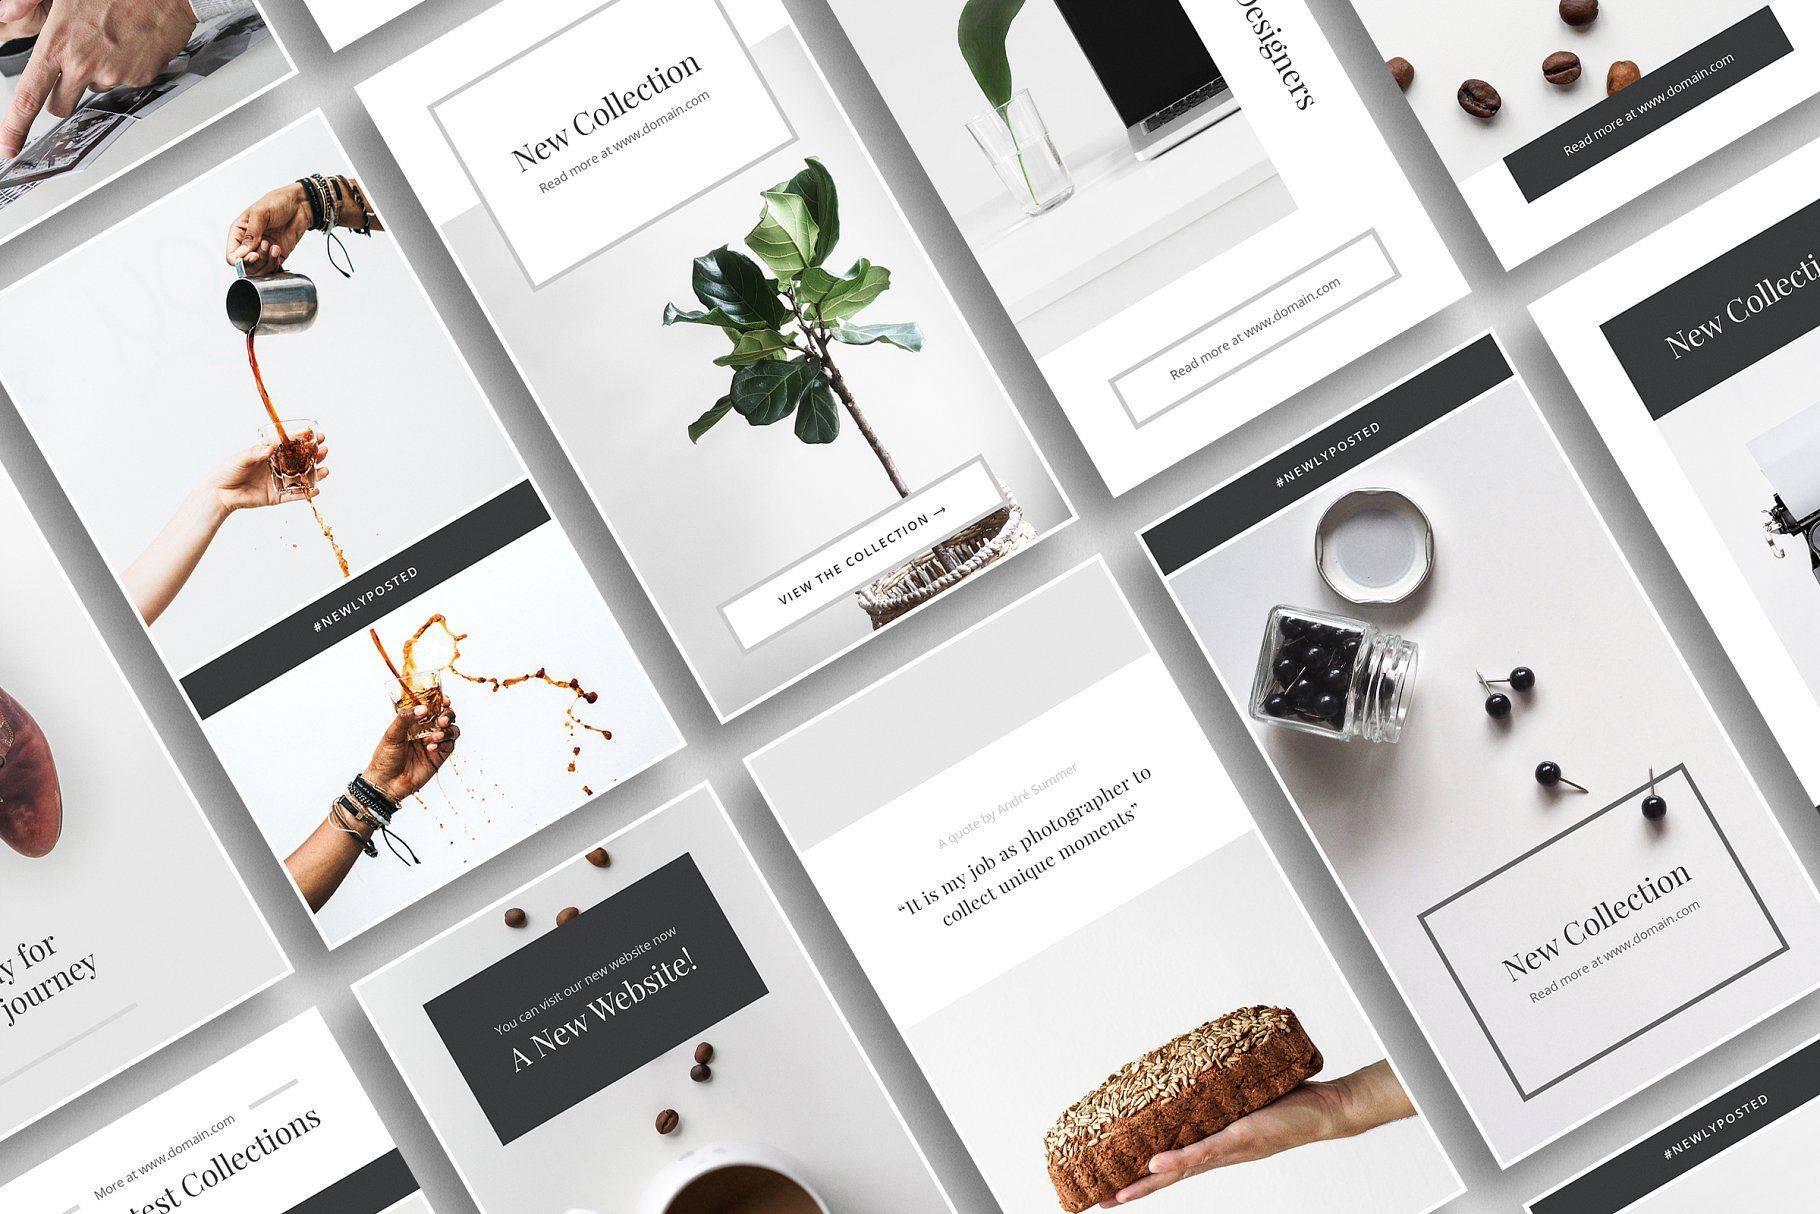 Топ-15 стильных дизайнов инстаграма для вдохновения